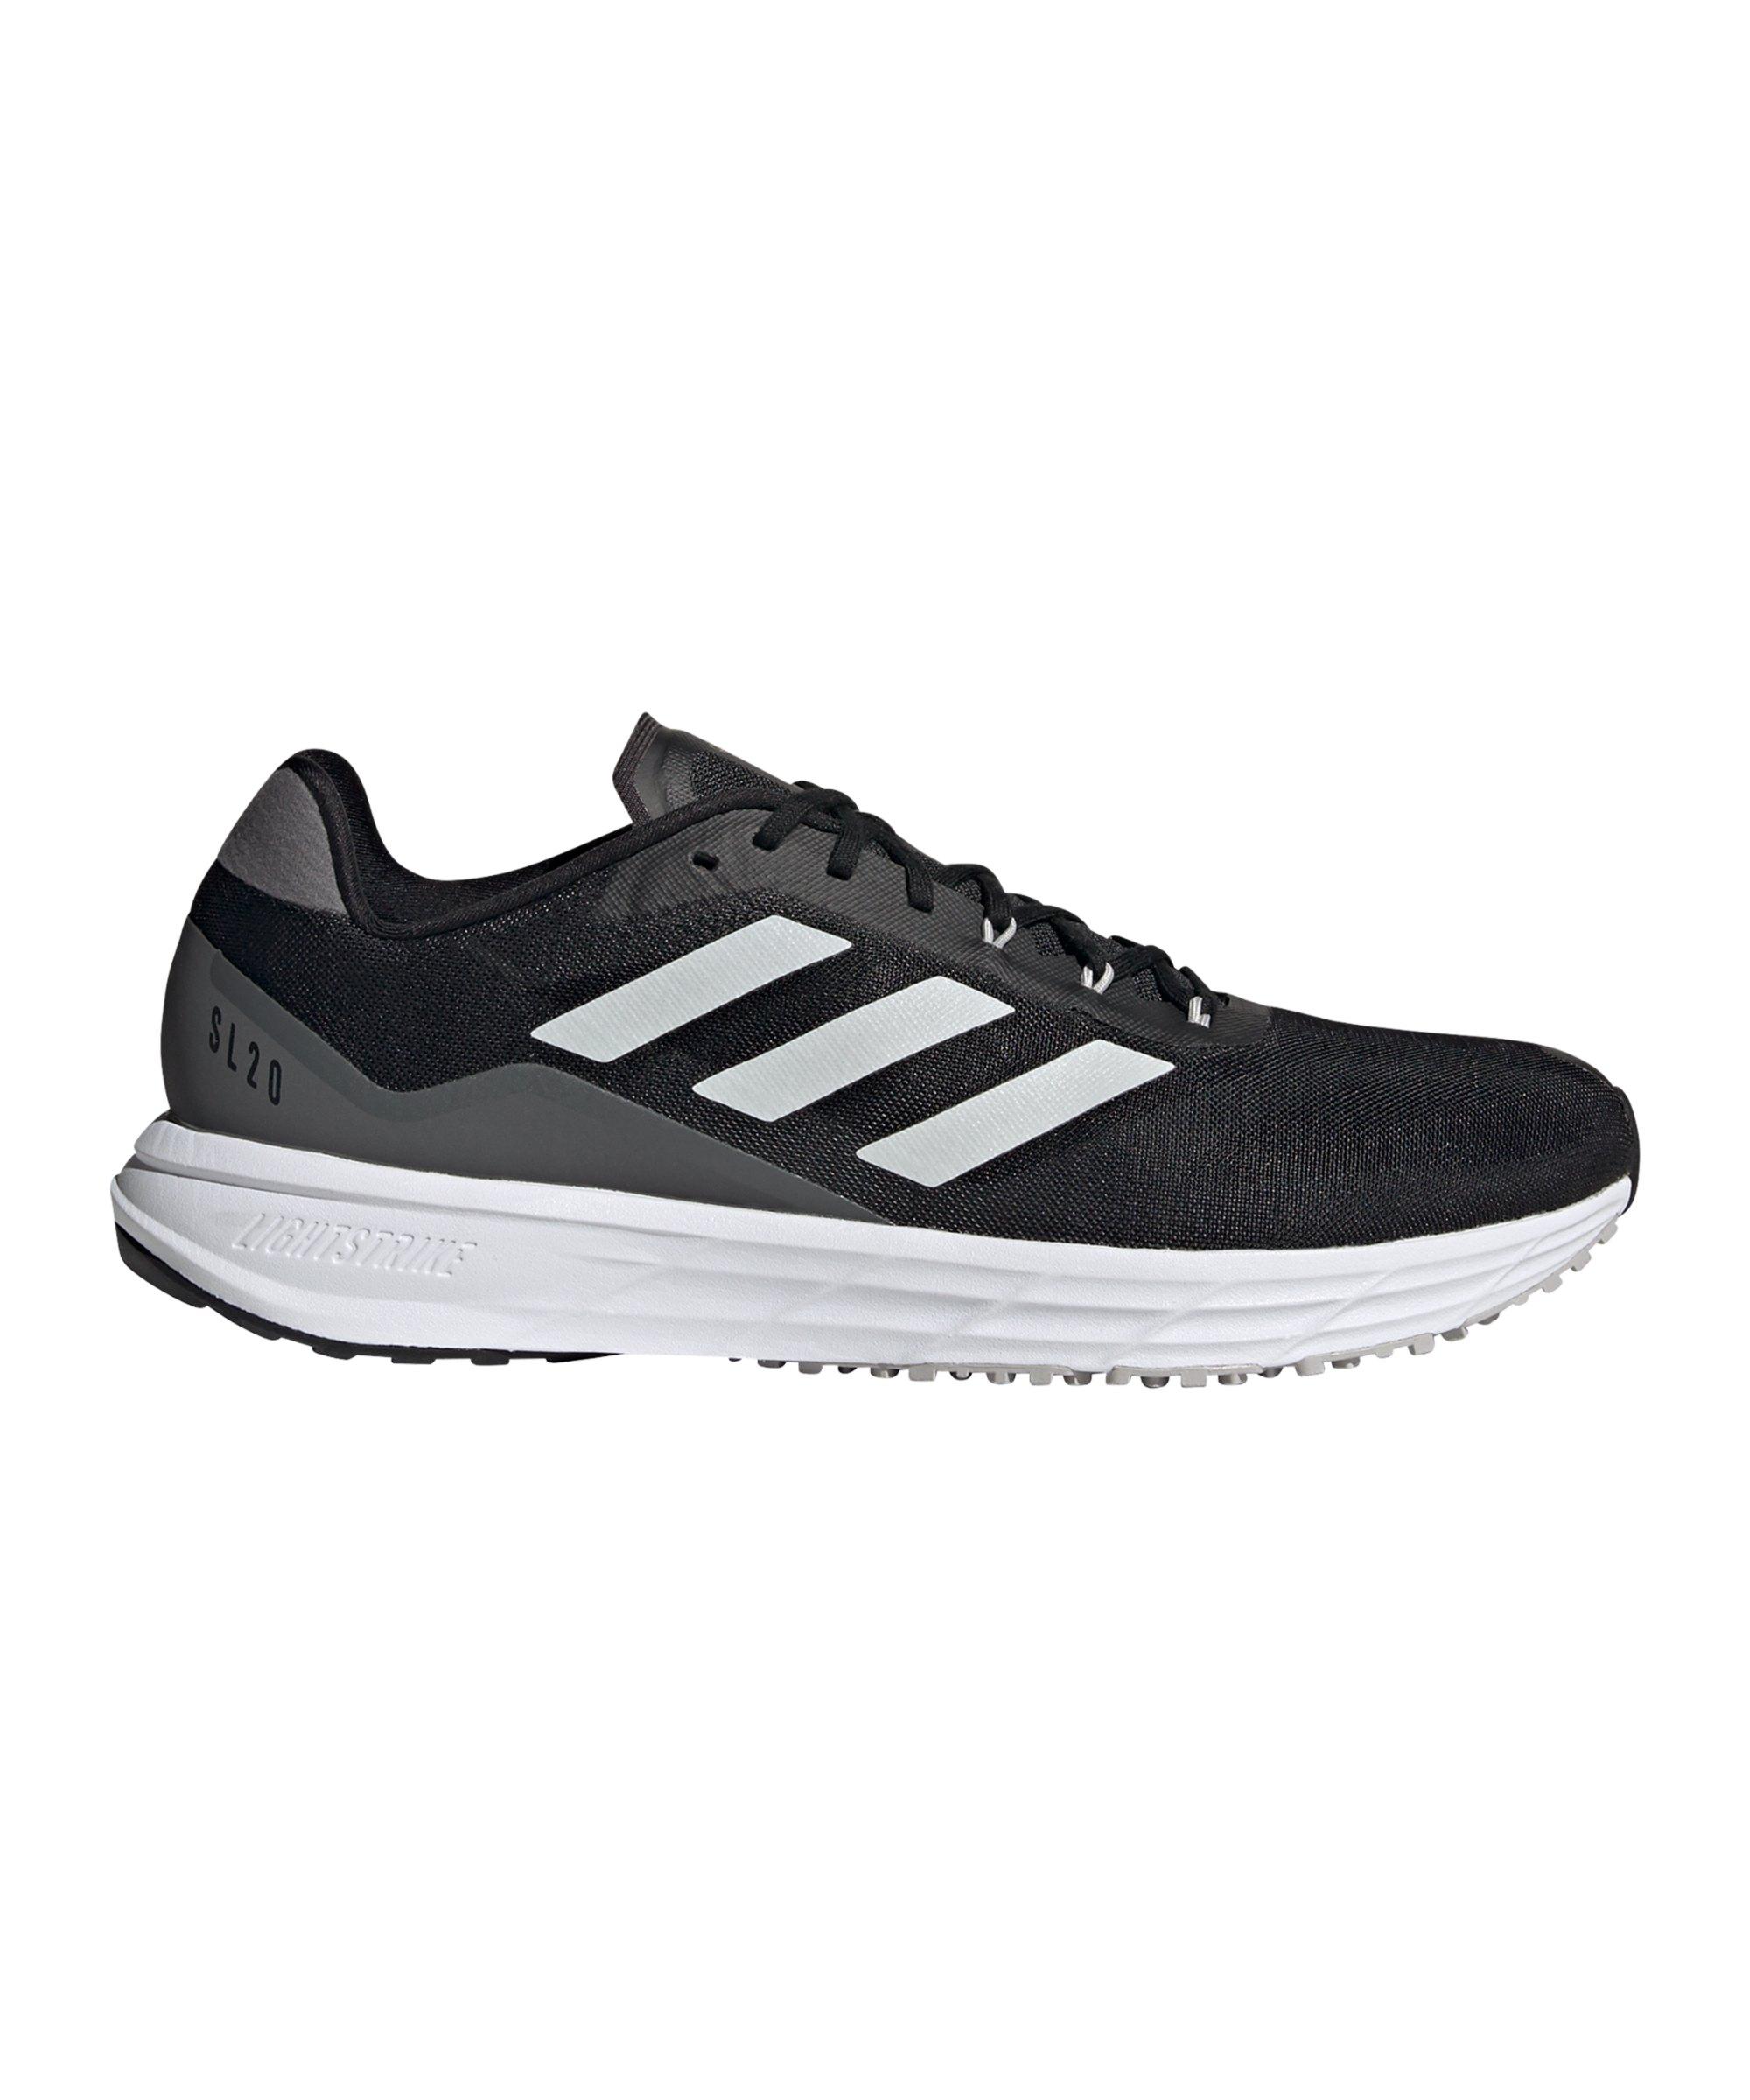 adidas SL20.2 Running Schwarz Weiss - schwarz